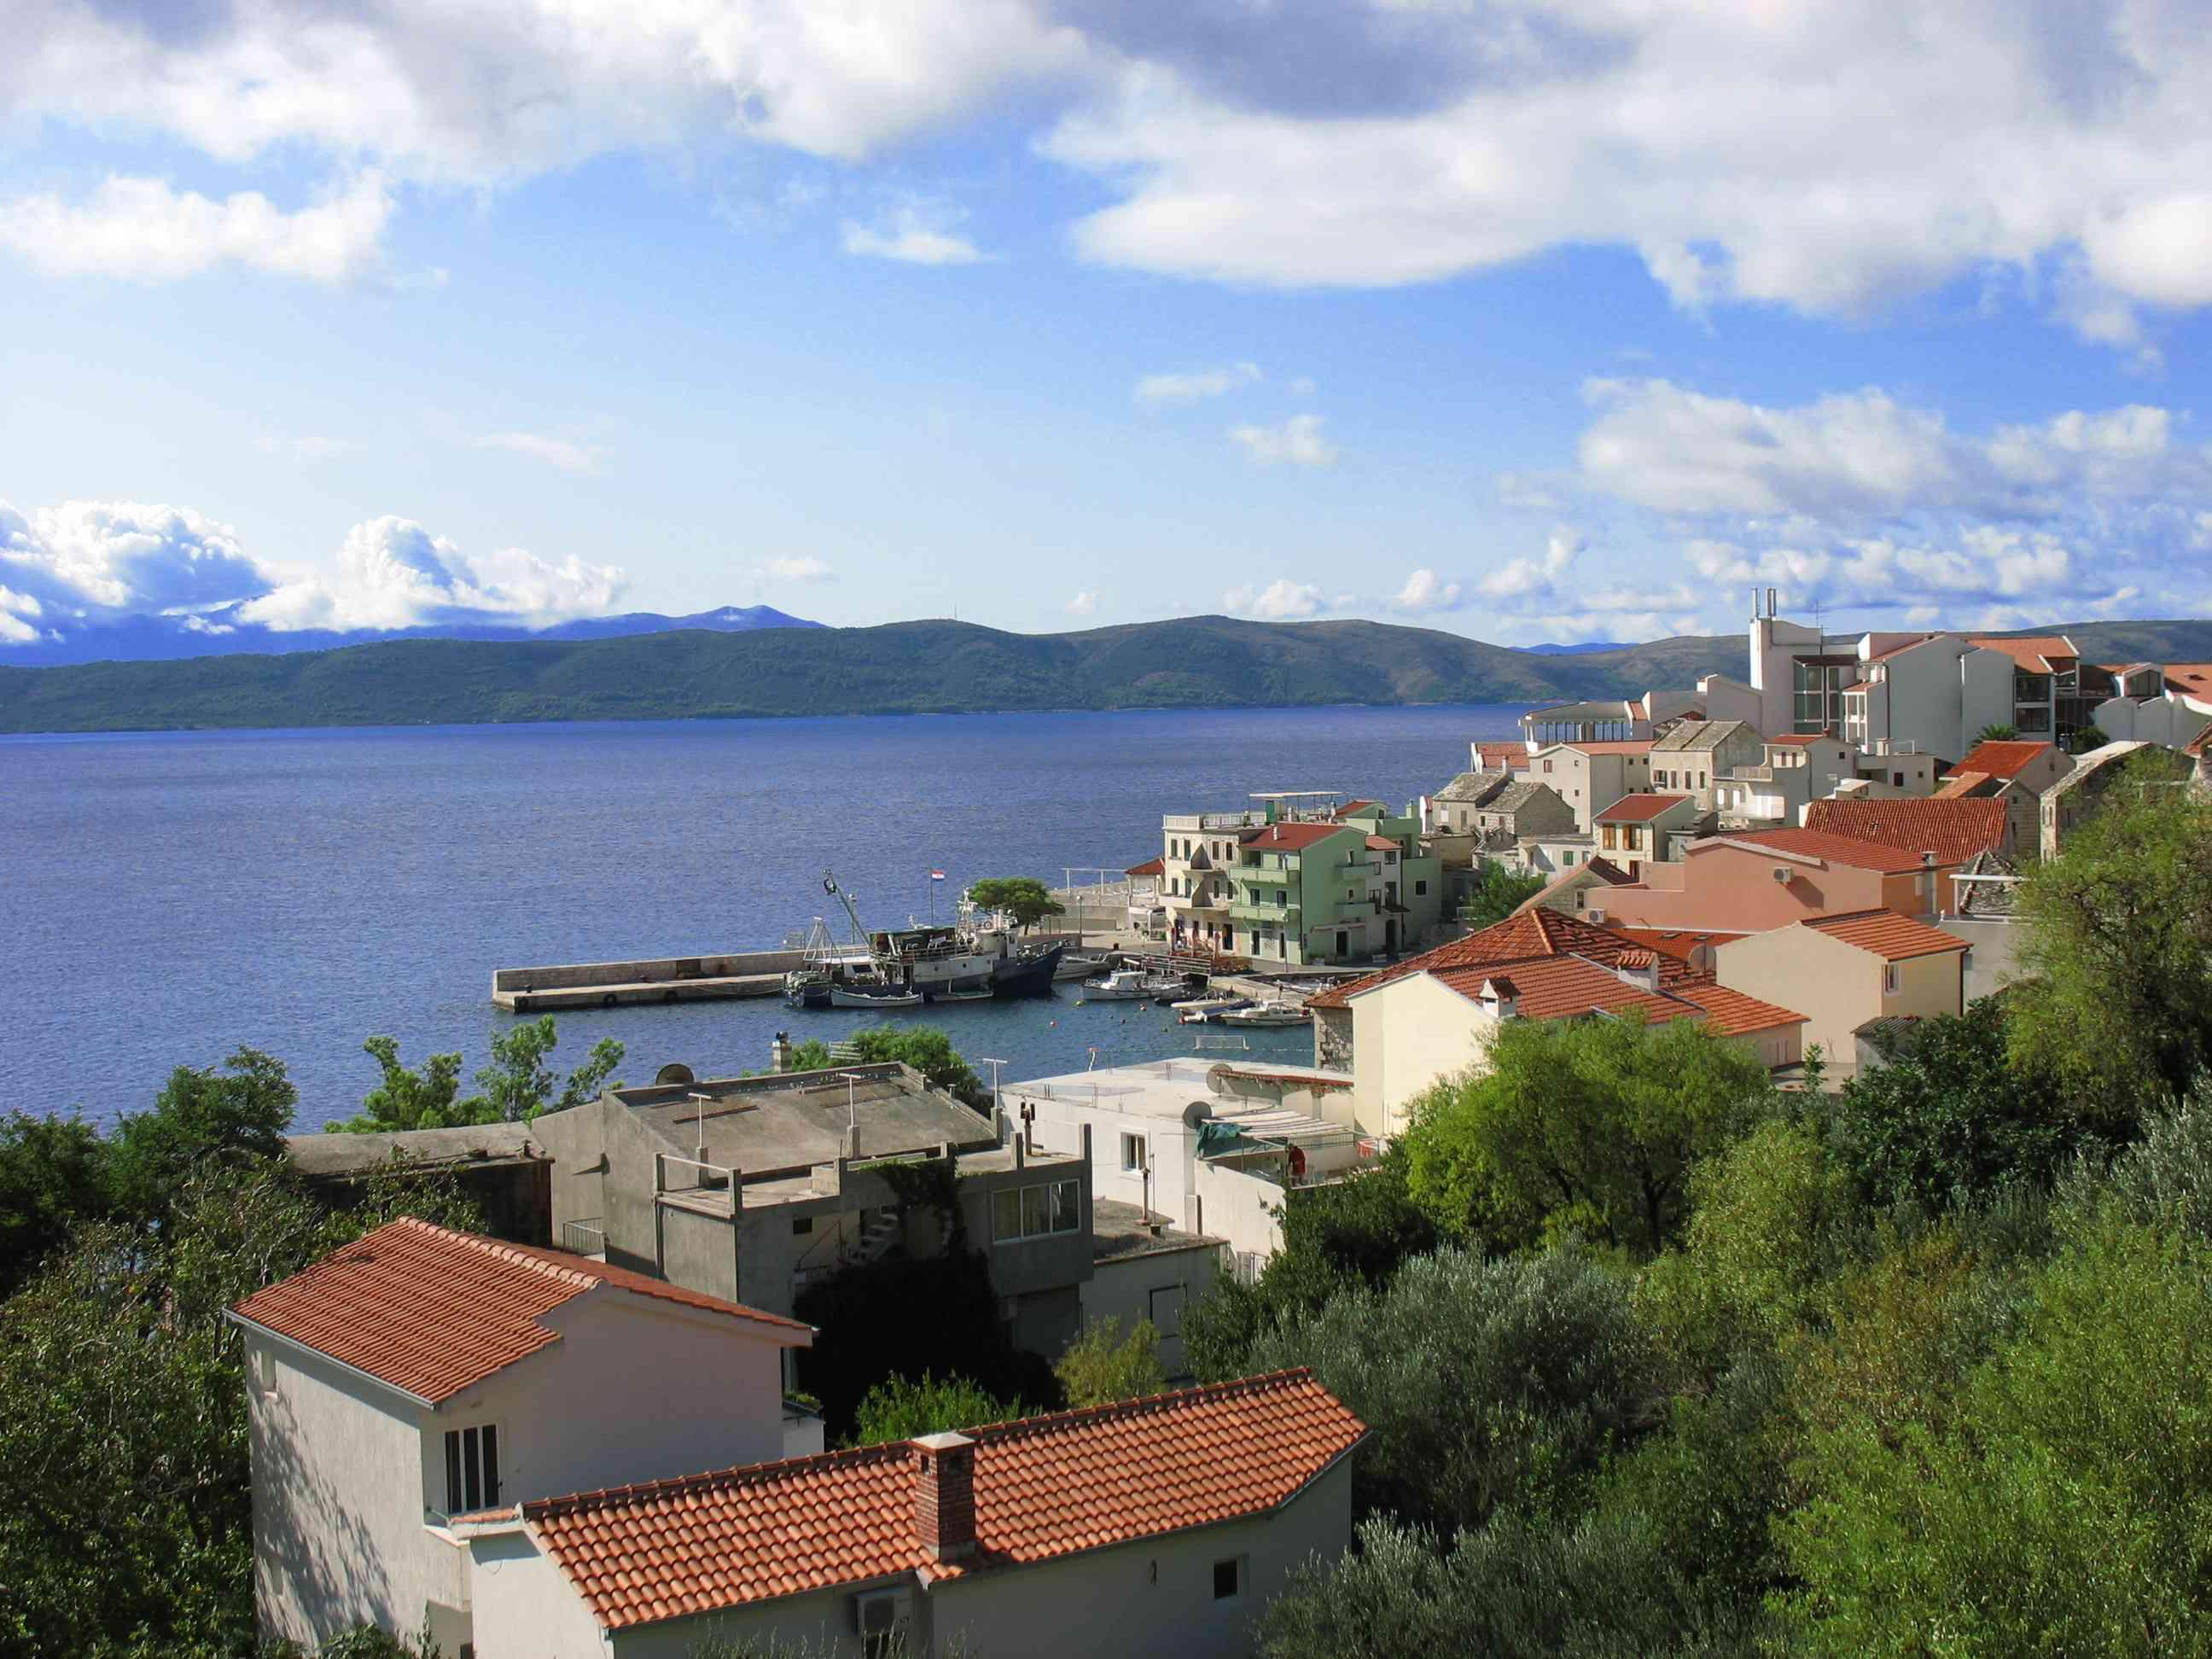 Chorwacja tanie rozmowy wczasy 2016 bułgaria sozopol